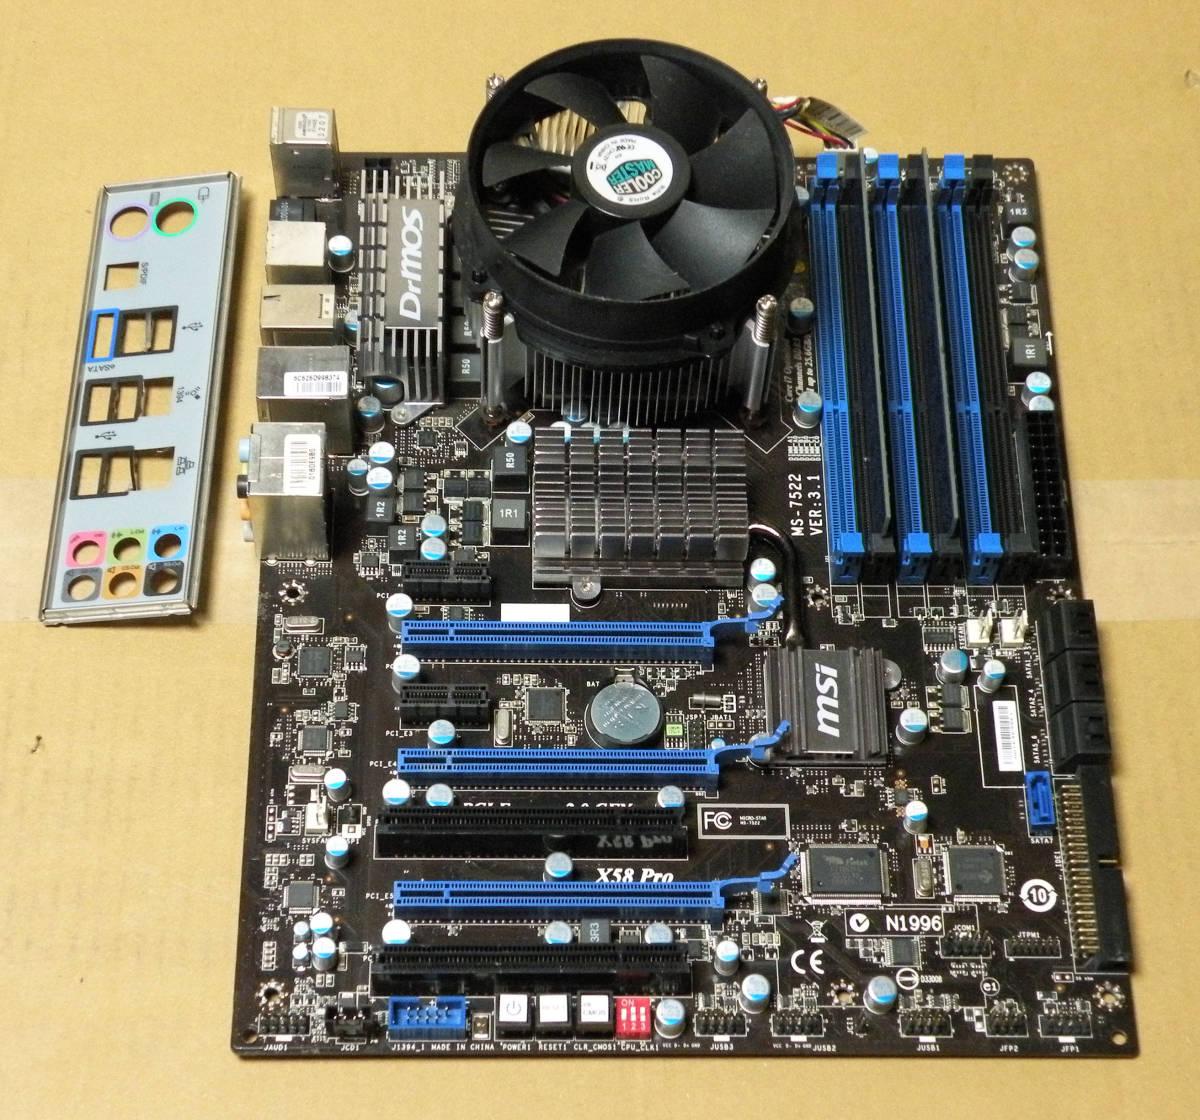 マザ-ボ-ド MSI X58 Pro CPU Core i7 950 3.07GHz メモリ 2GB OS Windows 7 Pro 64bit で正常動作品